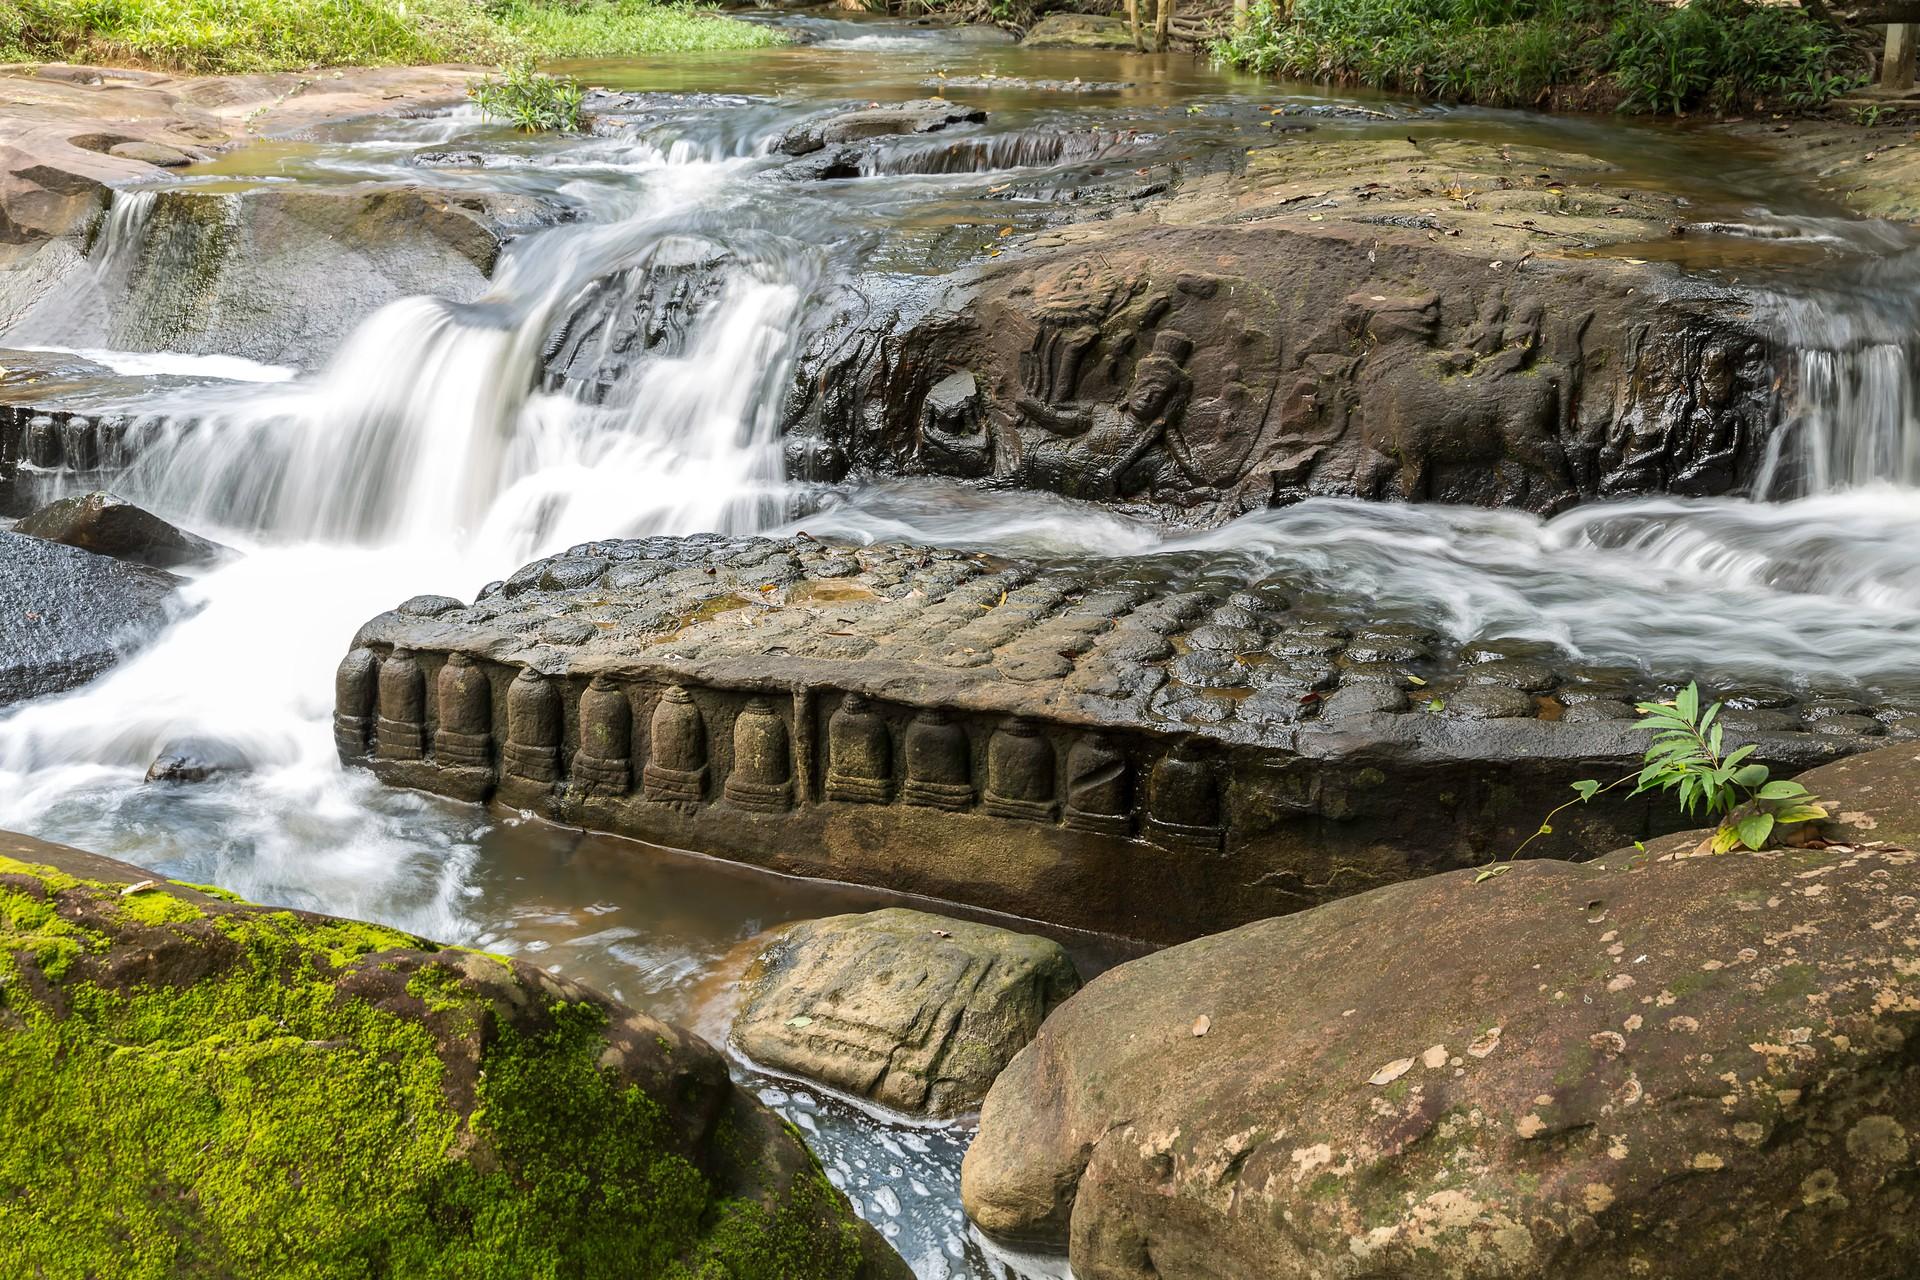 River carvings of Kbal Spean, Cambodia